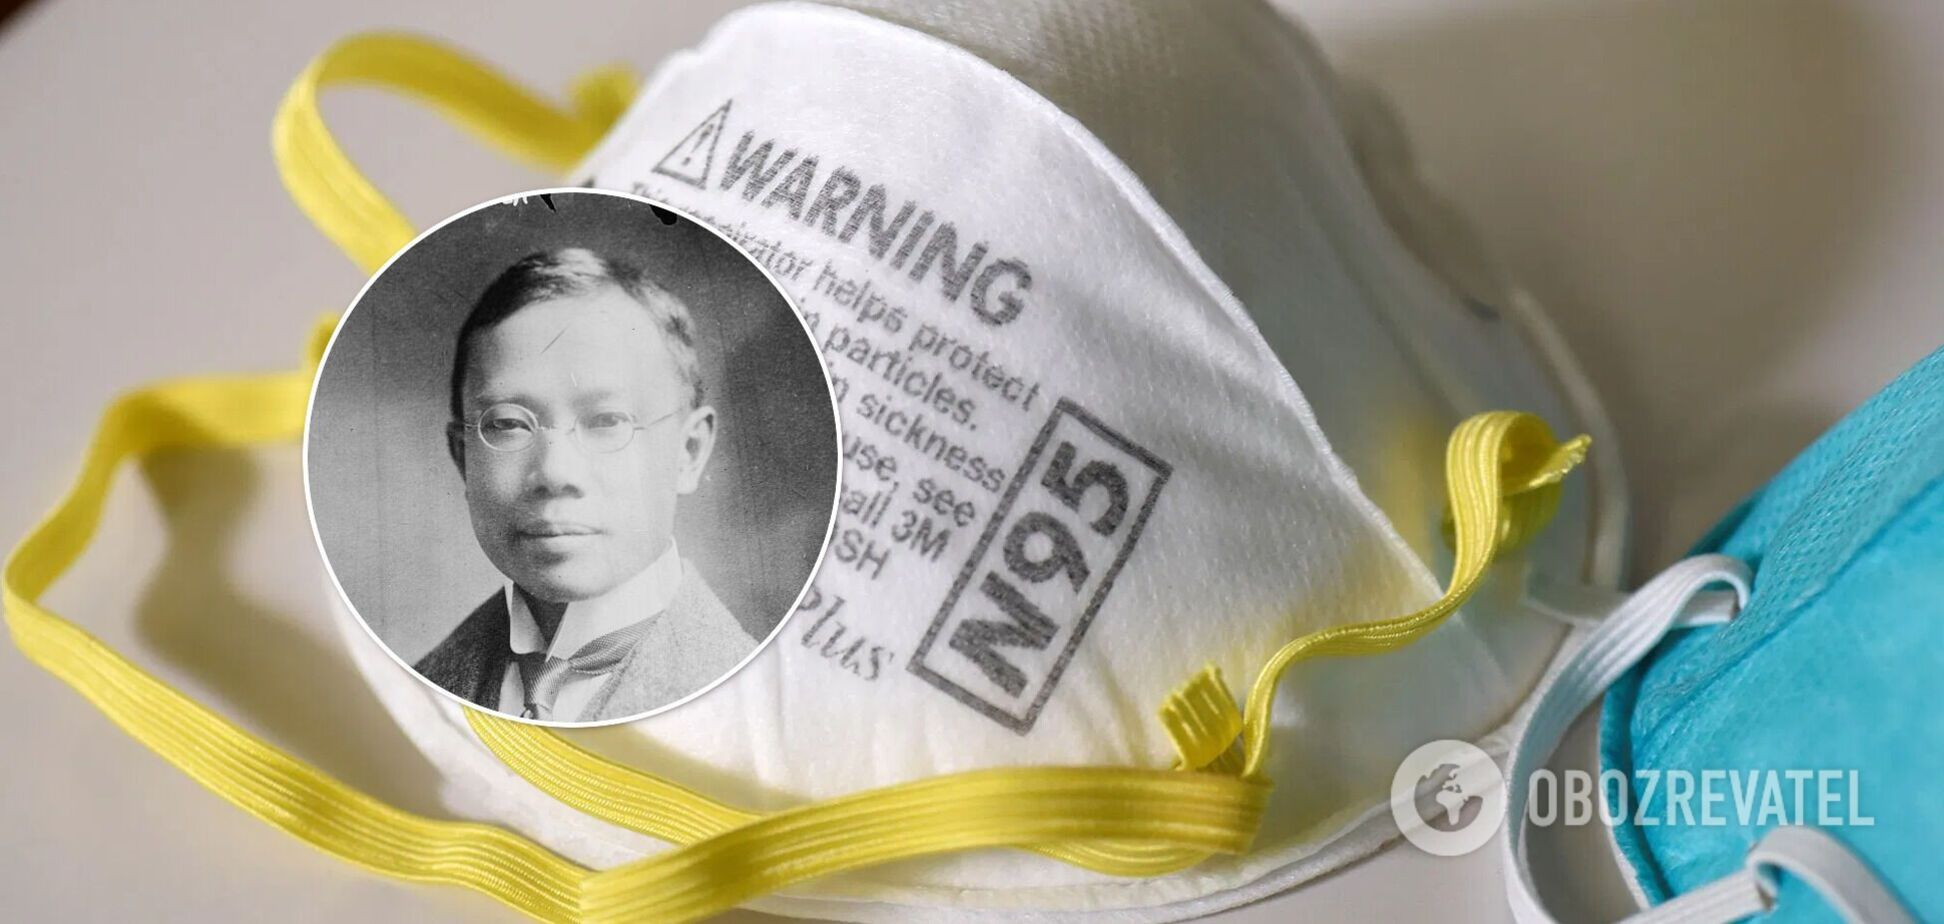 Google почтил память доктора Ву по случаю 142-й годовщины со дня его рождения